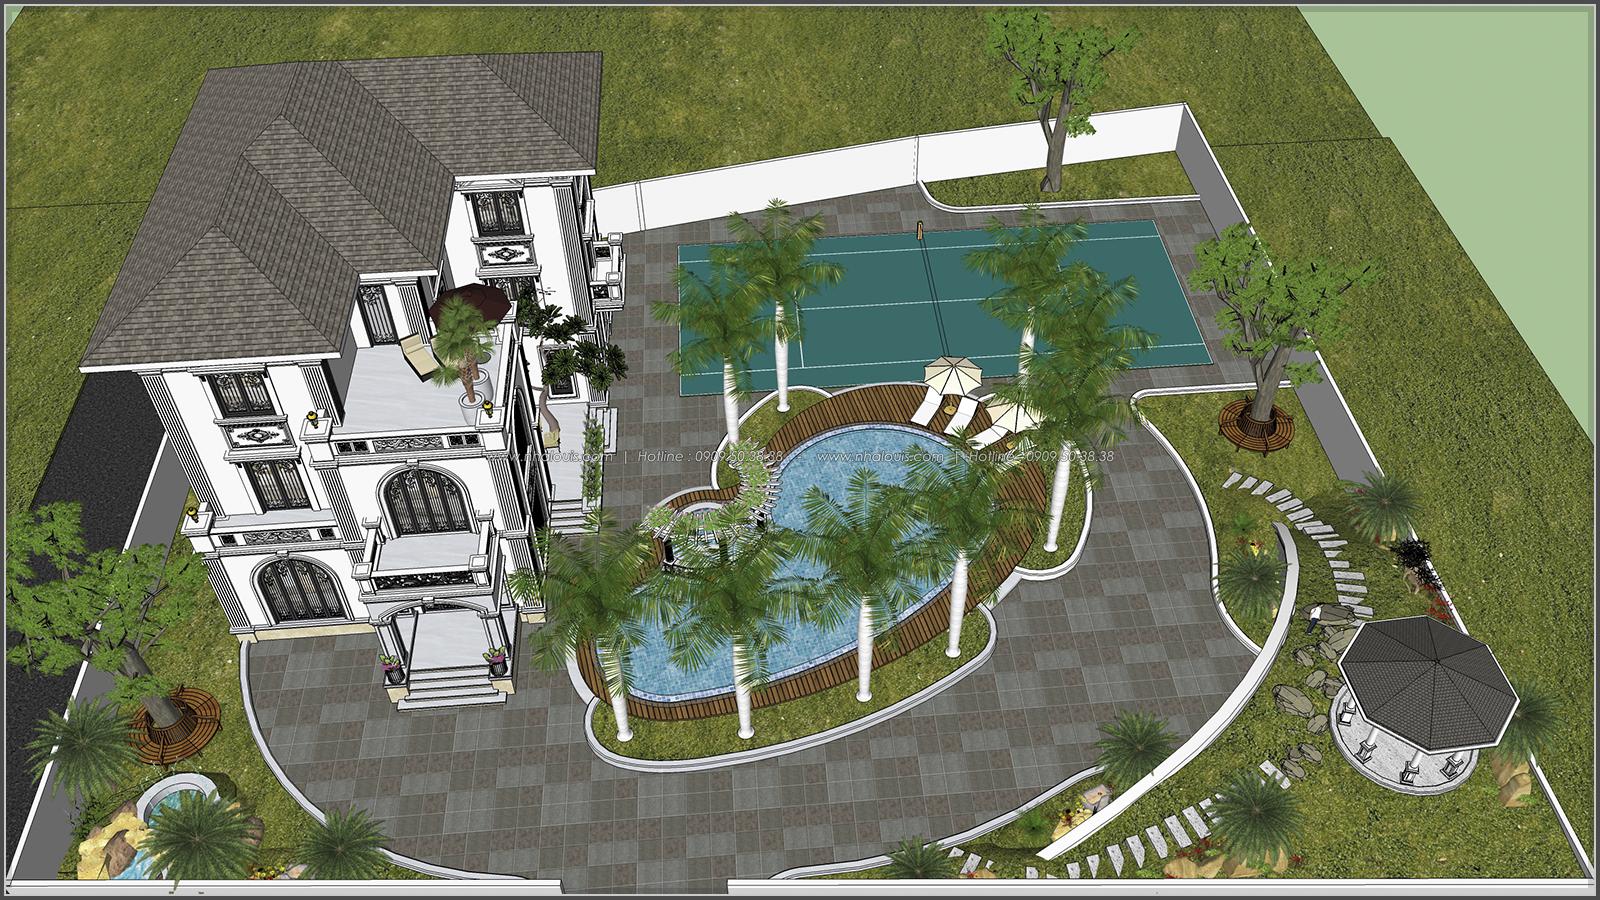 Biệt thự 3 tầng 2 mặt tiền có hồ bơi đẳng cấp tại Củ Chi - 6